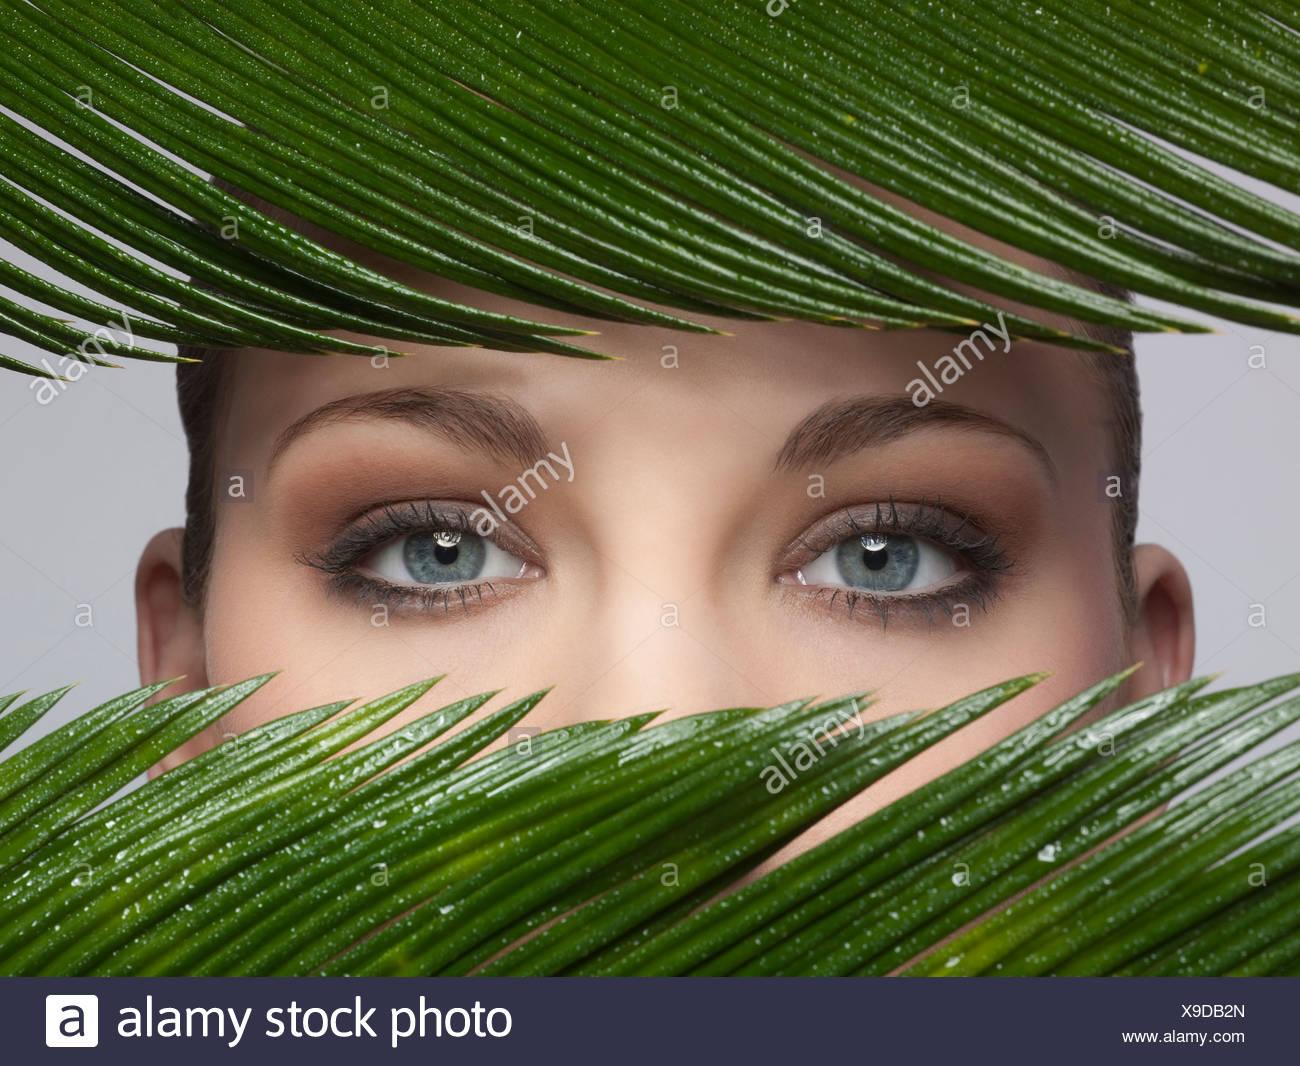 Les yeux d'une femme à la recherche à travers les feuilles vertes Photo Stock